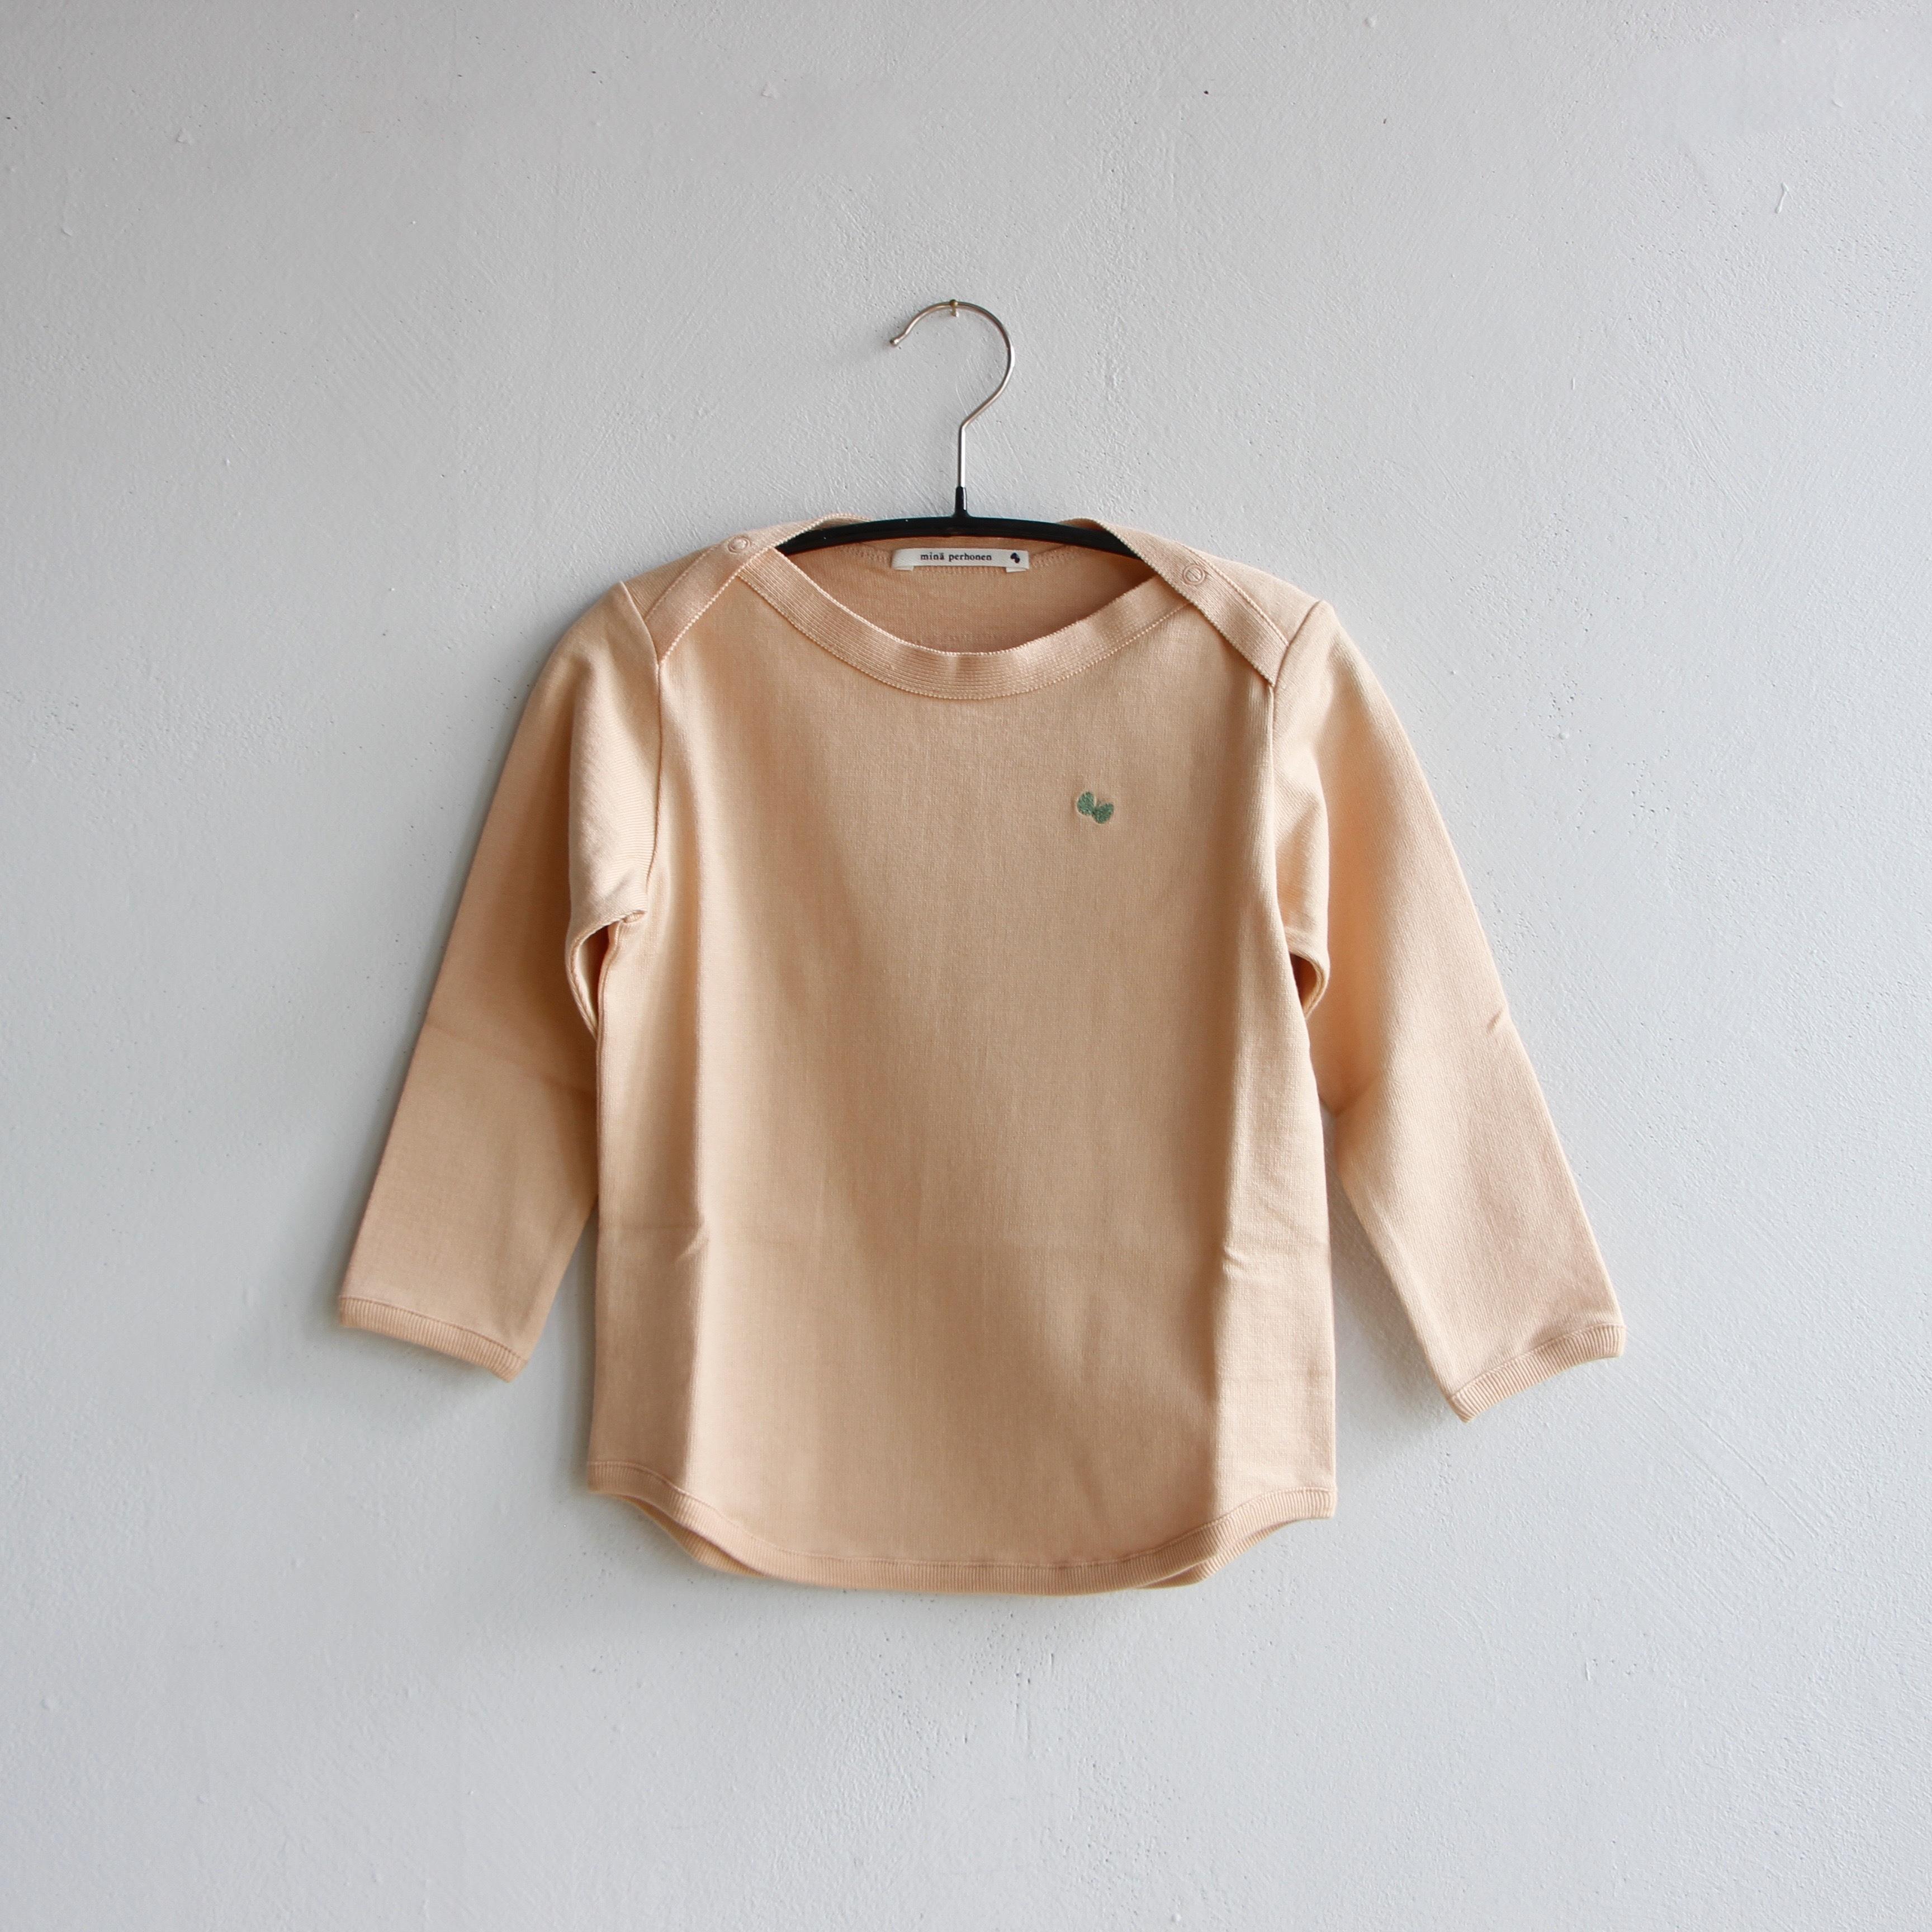 《mina perhonen 2020AW》zutto 長袖カットソー / pink beige / 110cm